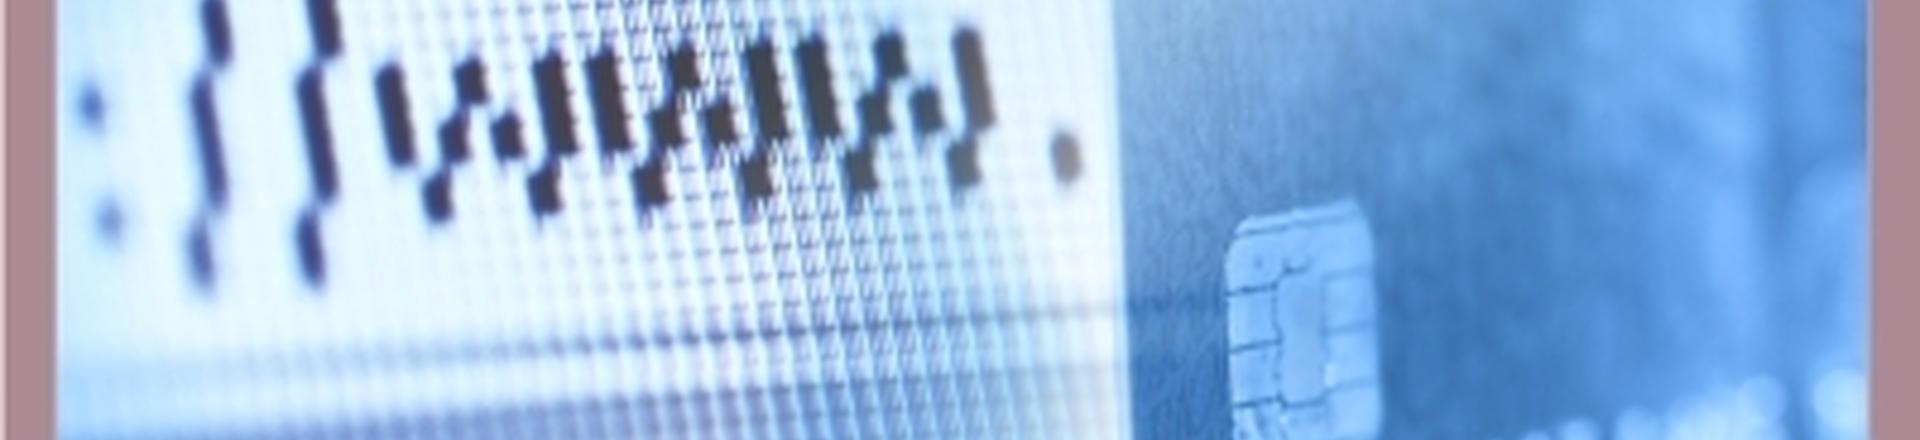 Wspieramy Przedsiębiorczość - WEBCASTY dla MŚP